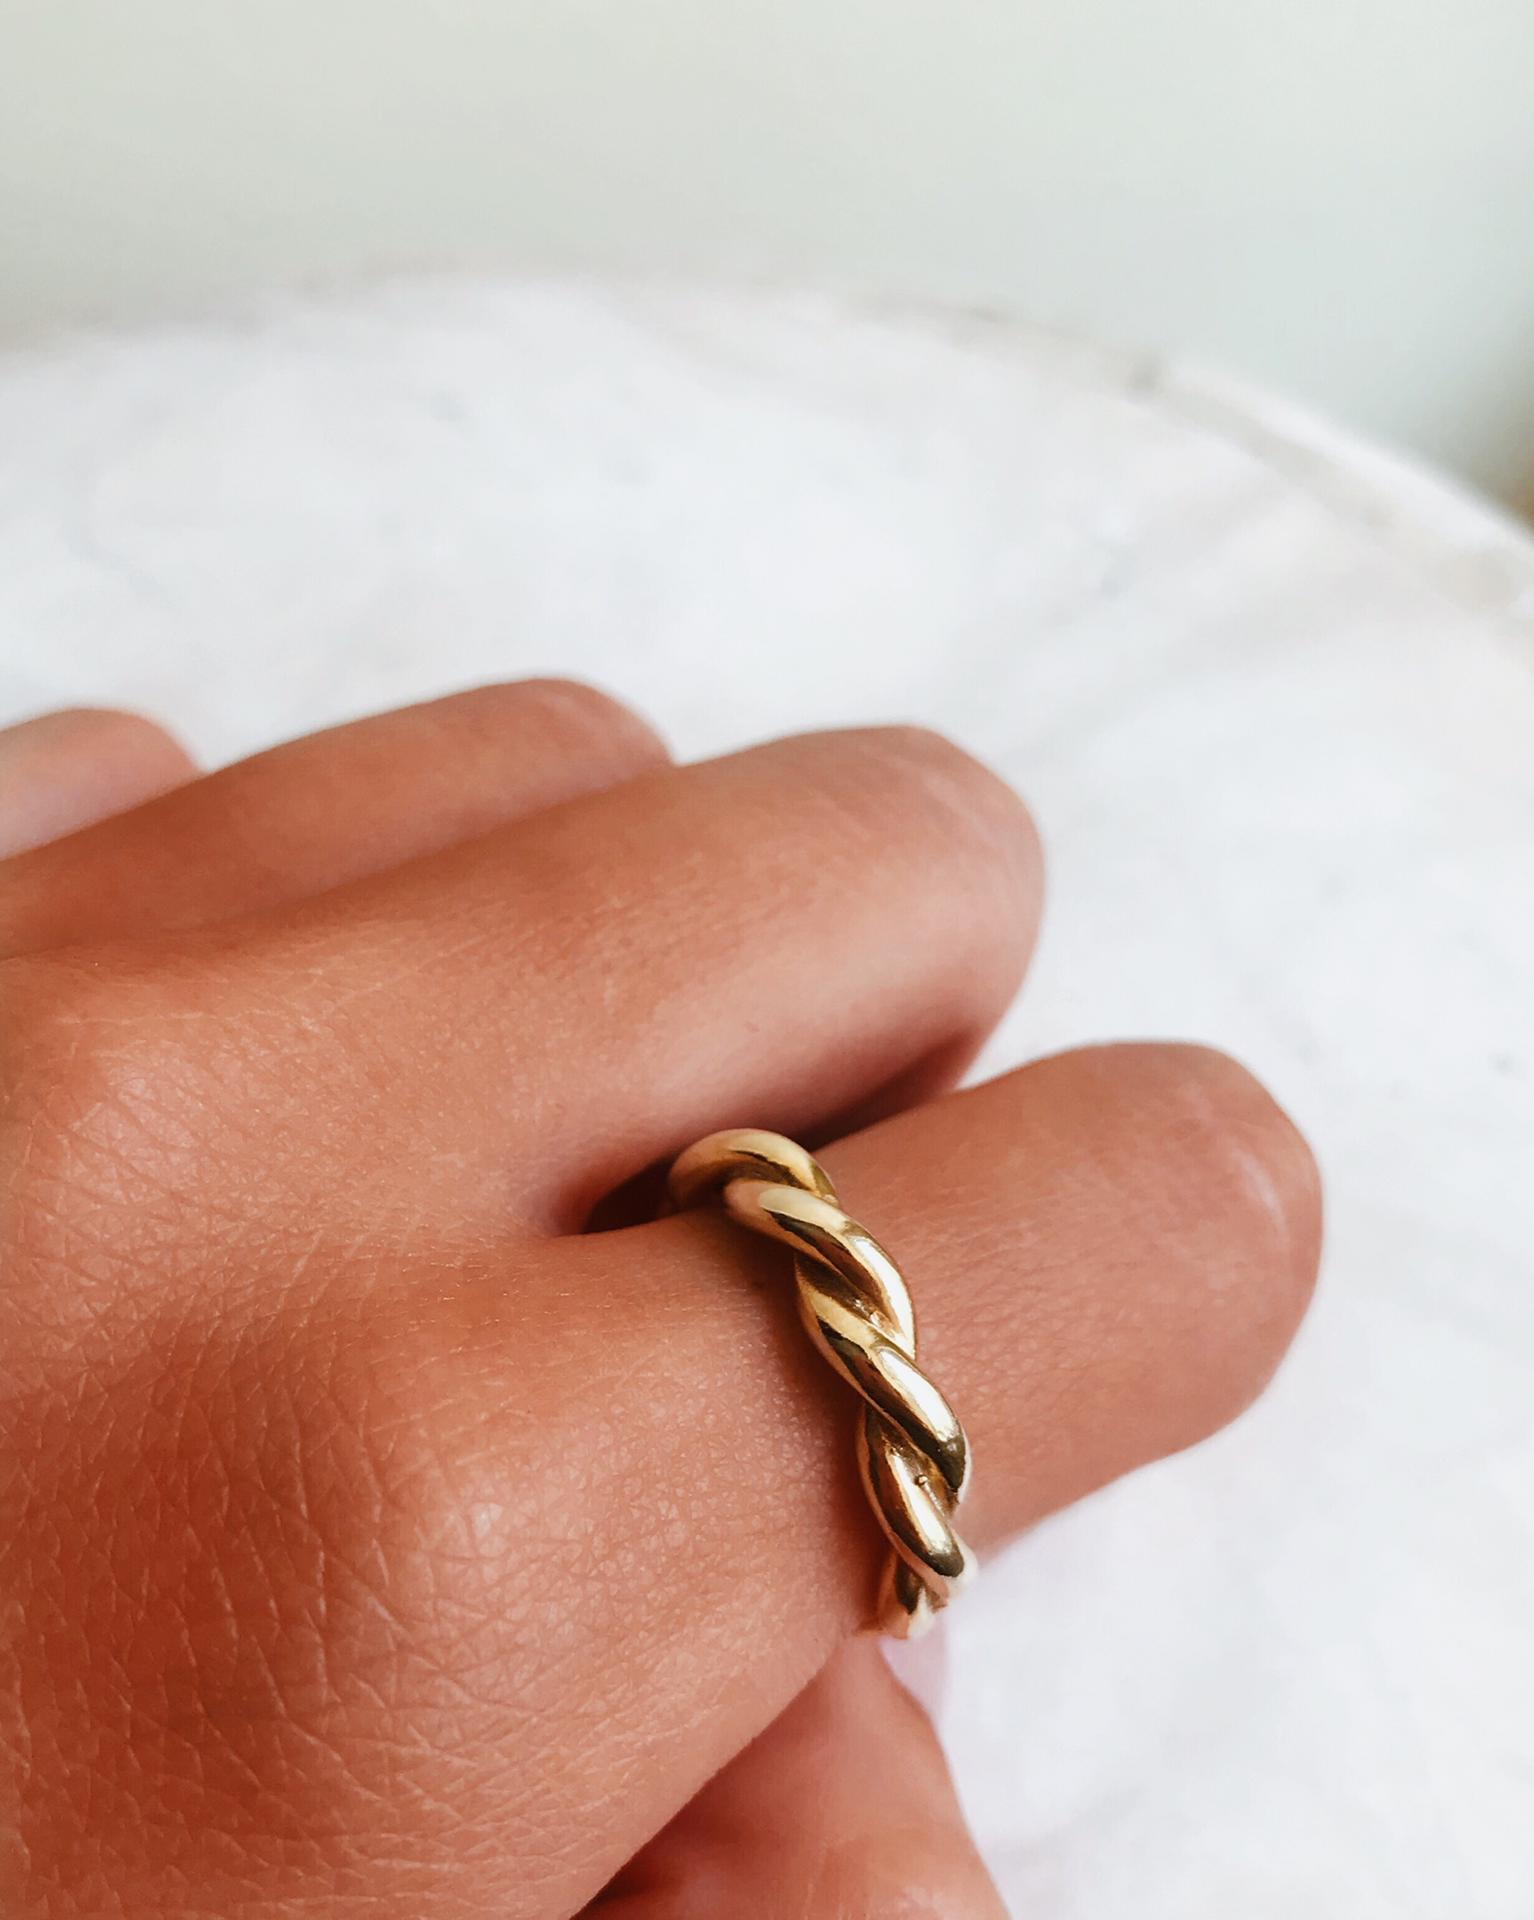 Anel em prata dourada - Omer